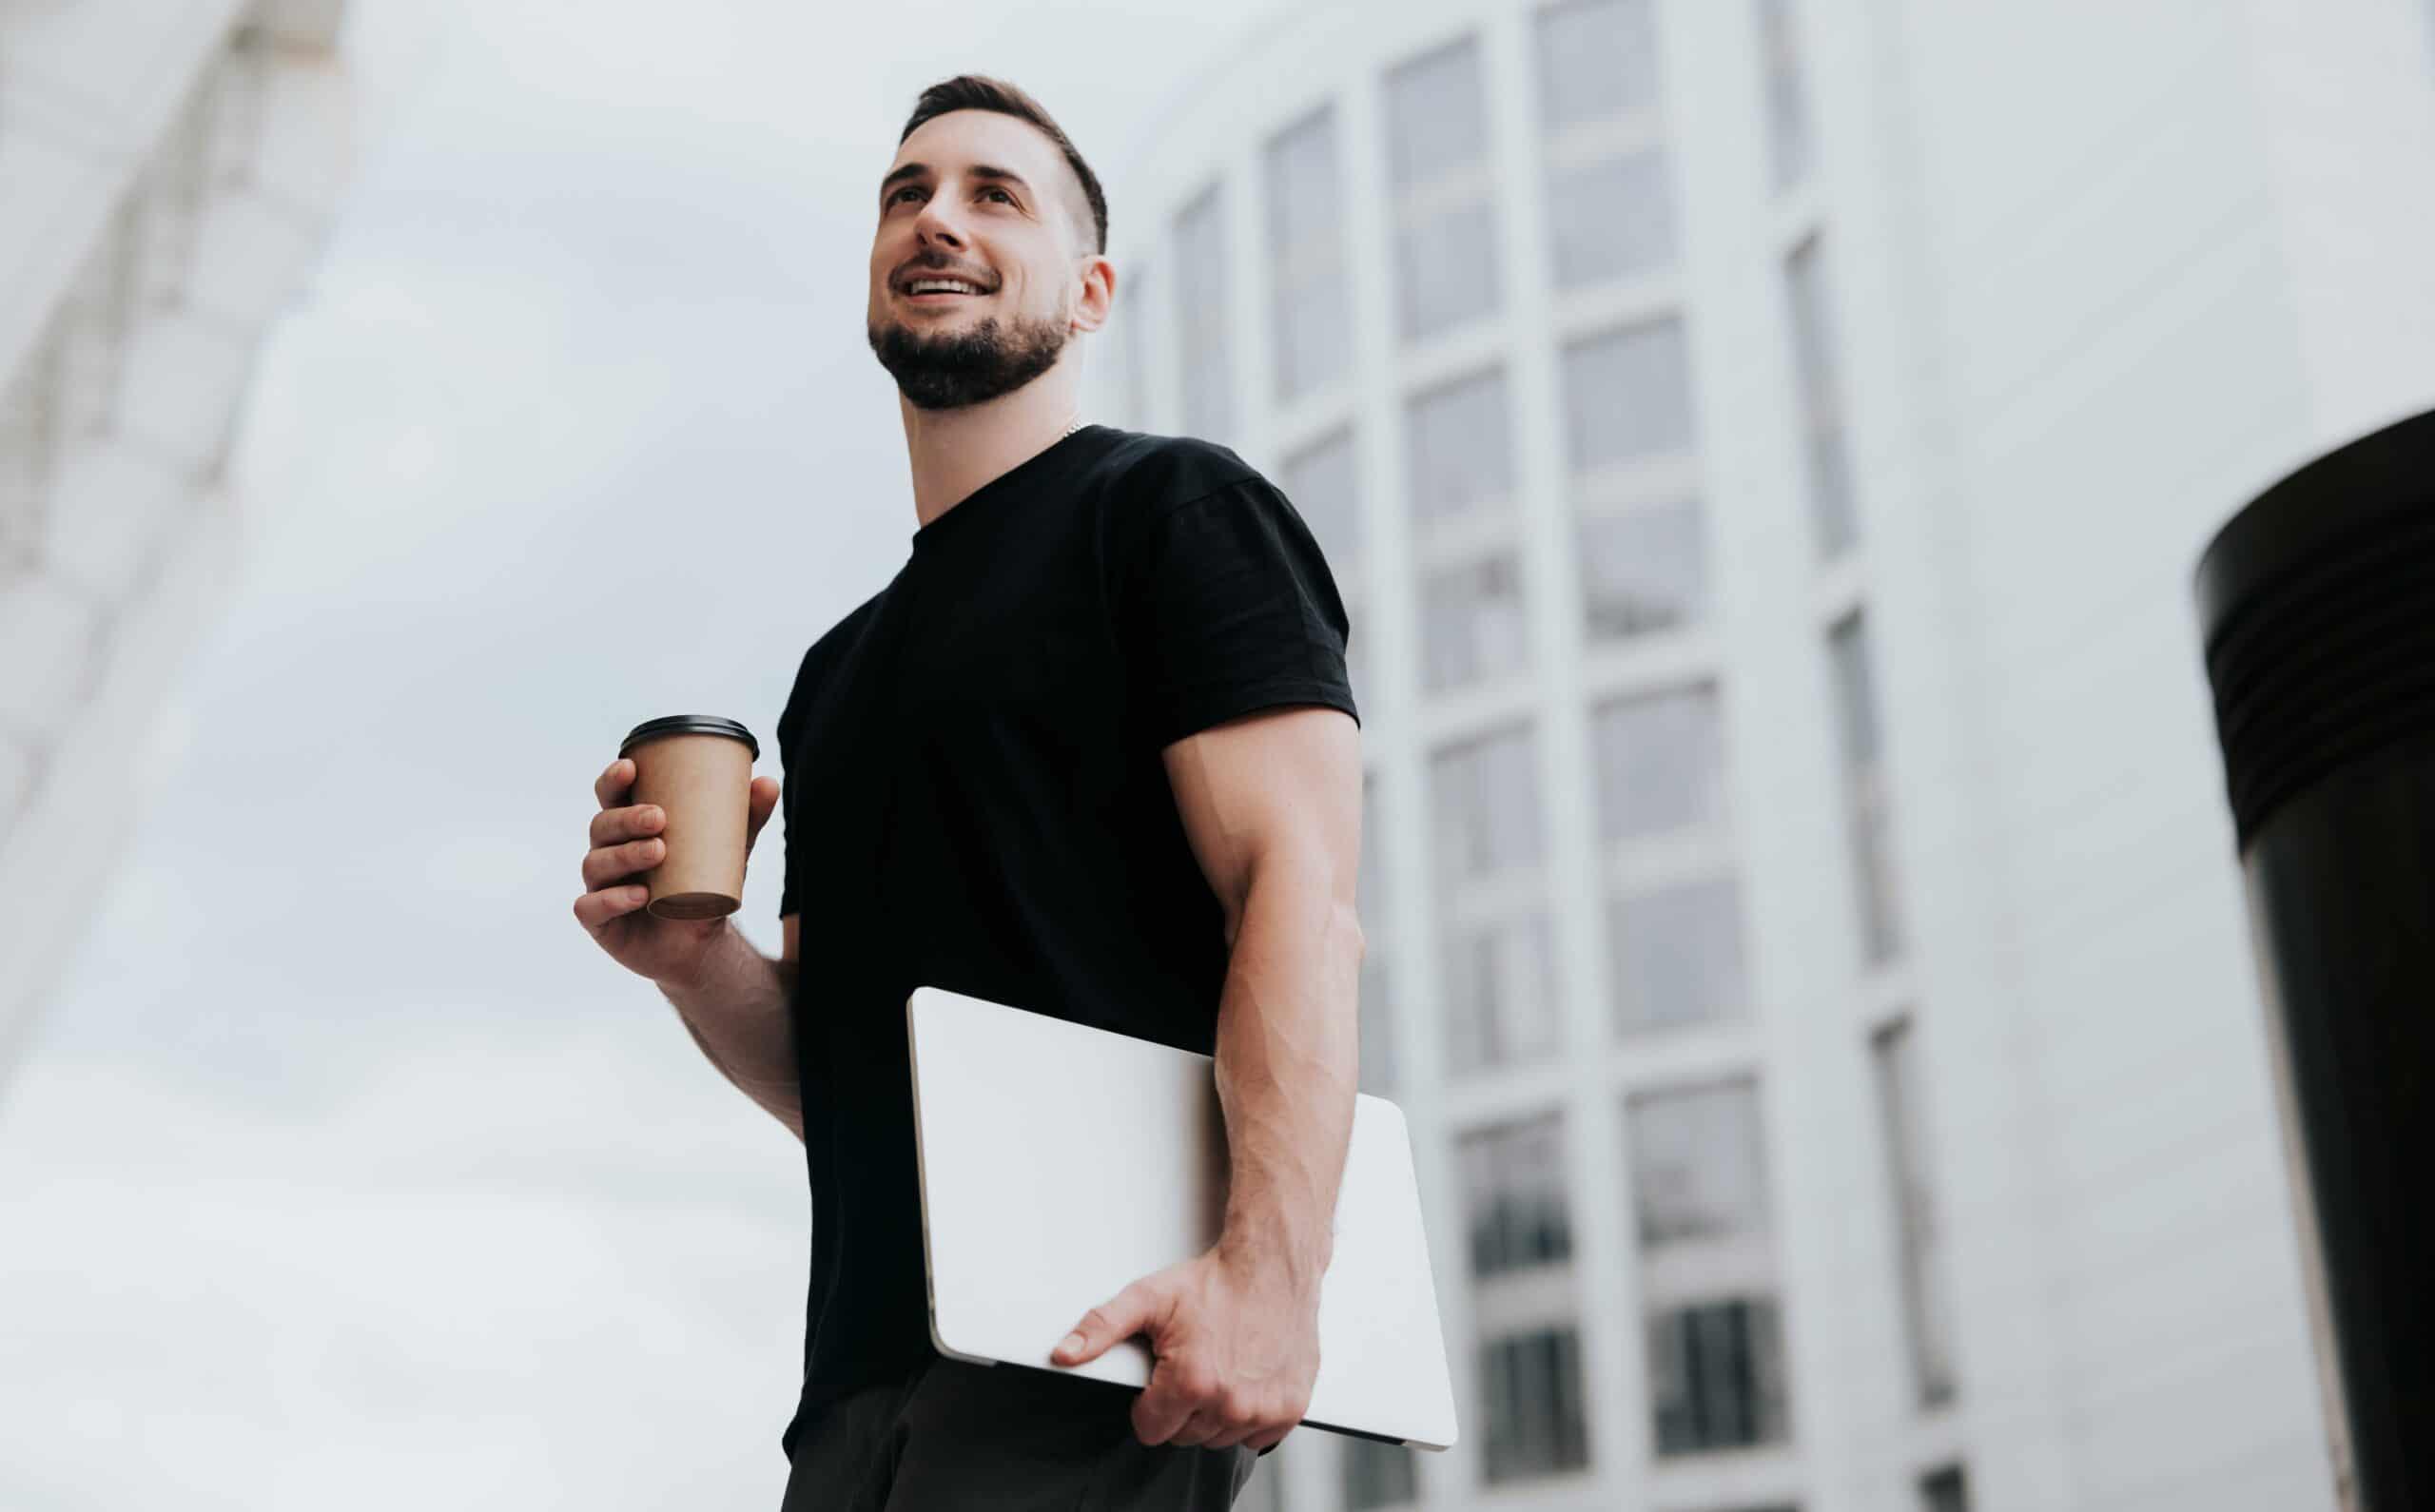 Nuori yrittäjämies ulkona kahvimuki ja tietokone kädessä